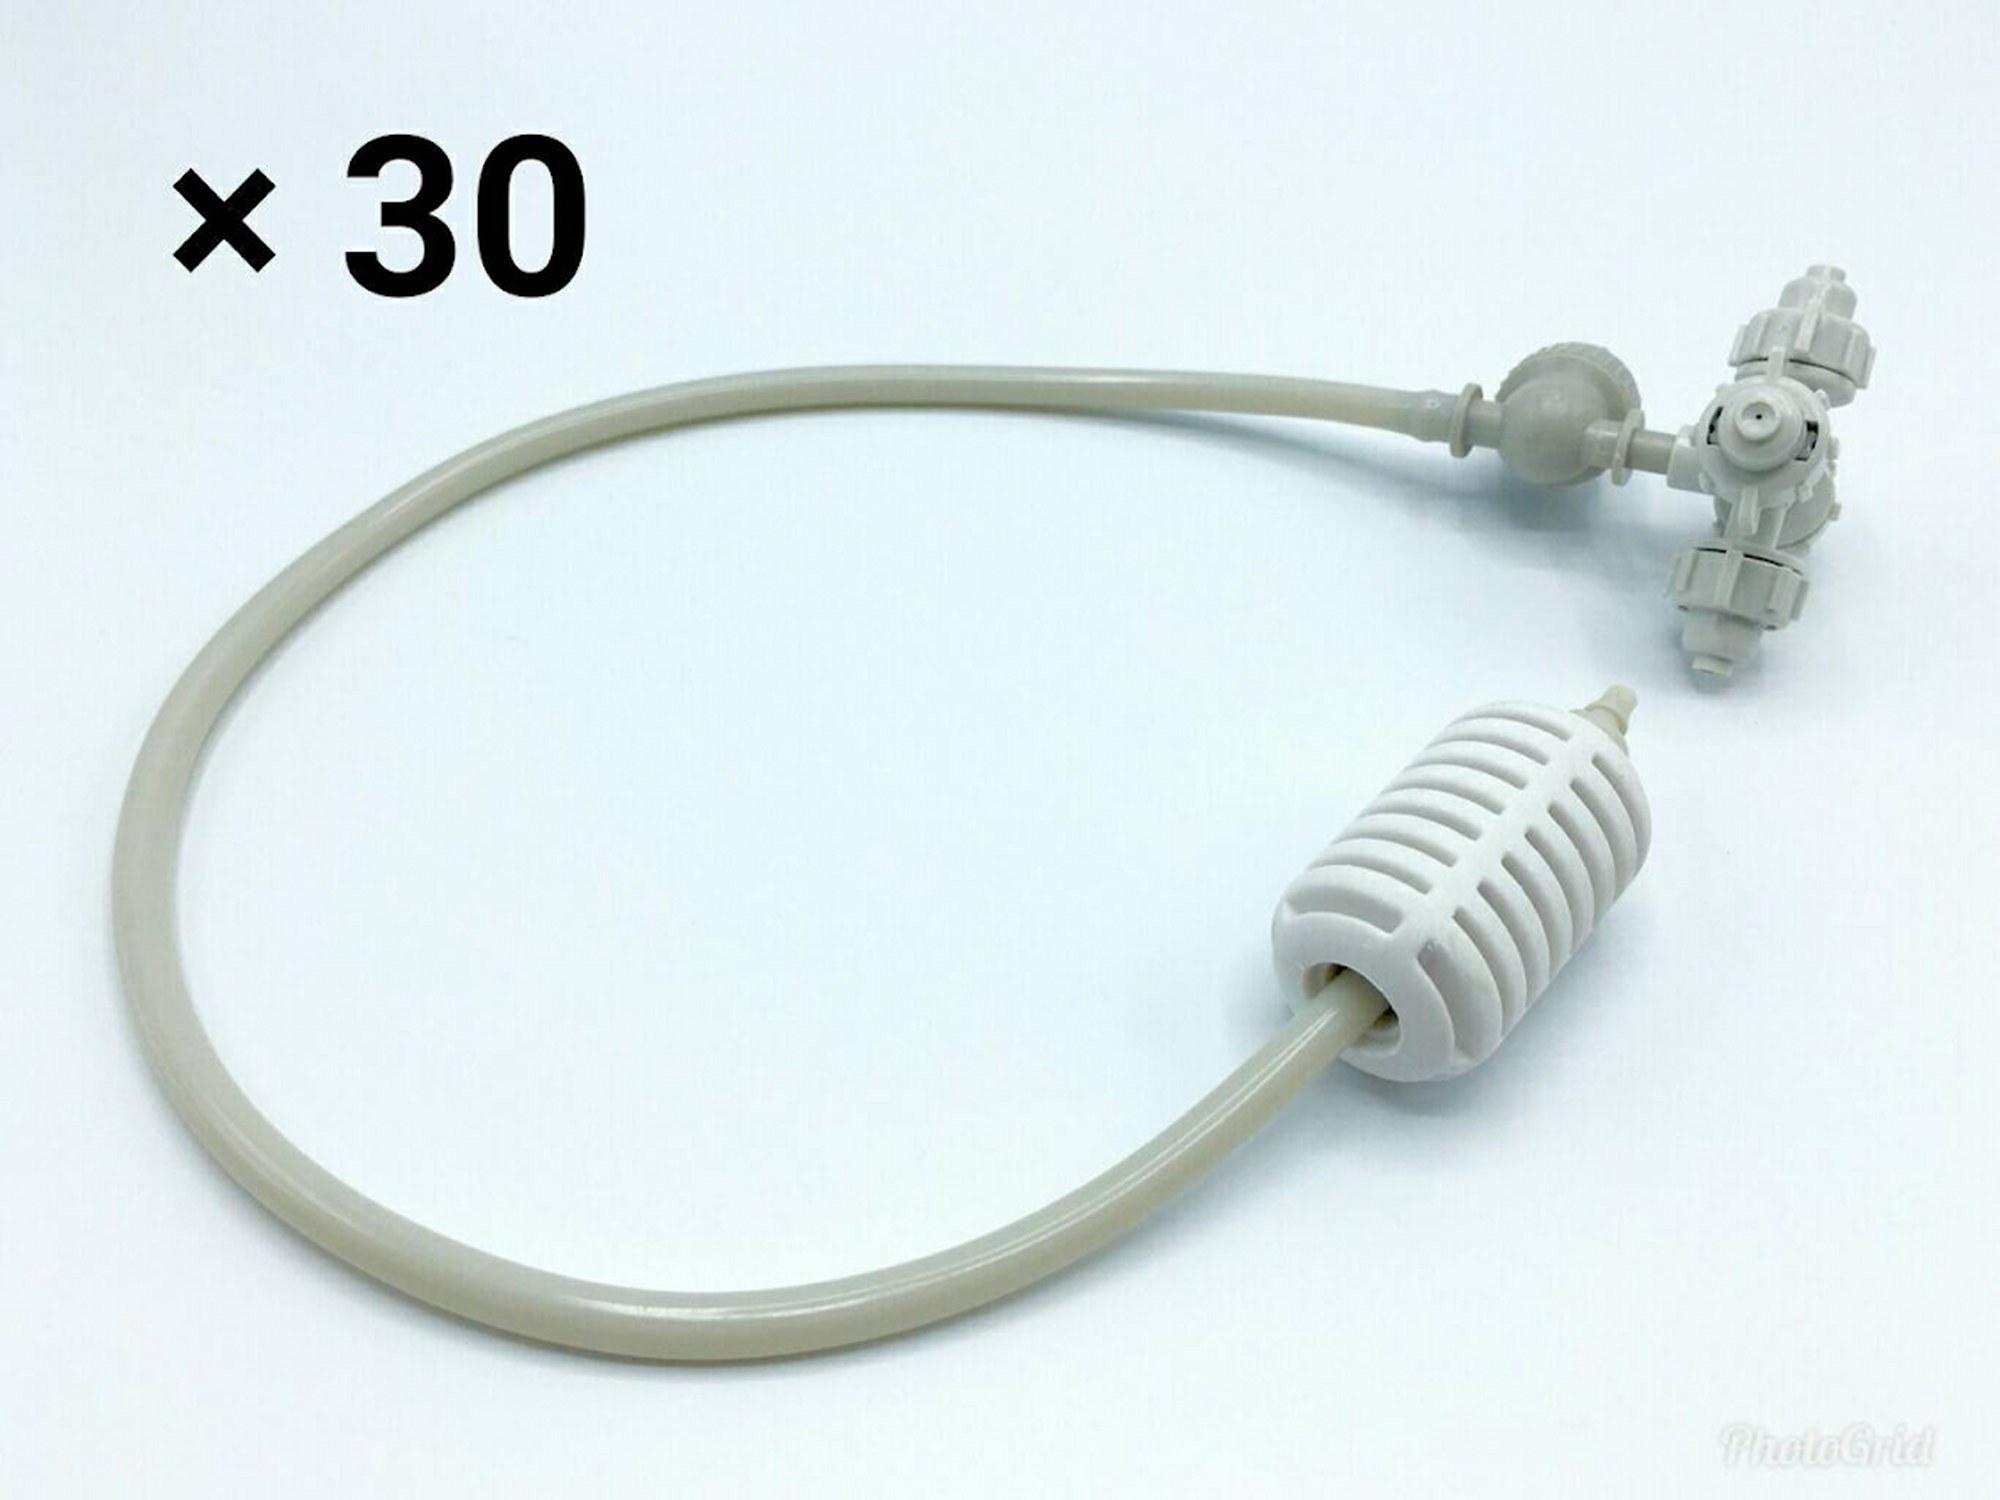 หัวพ่นหมอก 4 ทางเนต้าฟิล์ม 0.6 mm. 30 ชุด ( ชุดละ 90 บาท )